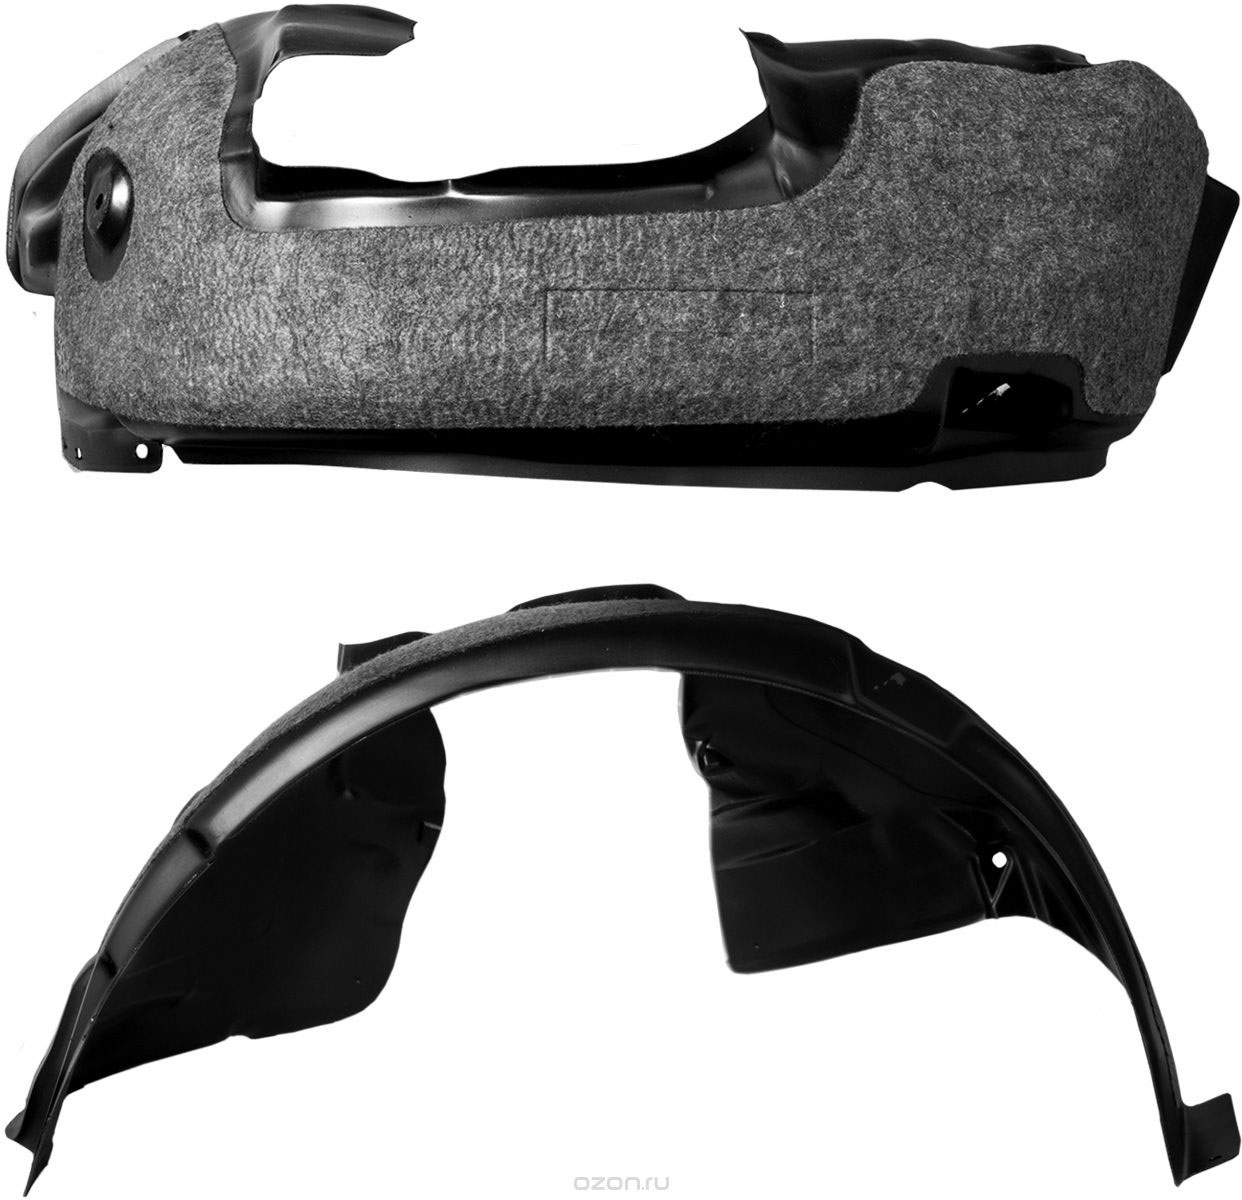 Подкрылок Novline-Autofamily, с шумоизоляцией, для MITSUBISHI Outlander, 2015->, задний правыйNLS.35.31.004Идеальная защита колесной ниши. Локеры разработаны с применением цифровых технологий, гарантируют максимальную повторяемость поверхности арки. Изделия устанавливаются без нарушения лакокрасочного покрытия автомобиля, каждый подкрылок комплектуется крепежом. Уважаемые клиенты, обращаем ваше внимание, что фотографии на подкрылки универсальные и не отражают реальную форму изделия. При этом само изделие идет точно под размер указанного автомобиля.